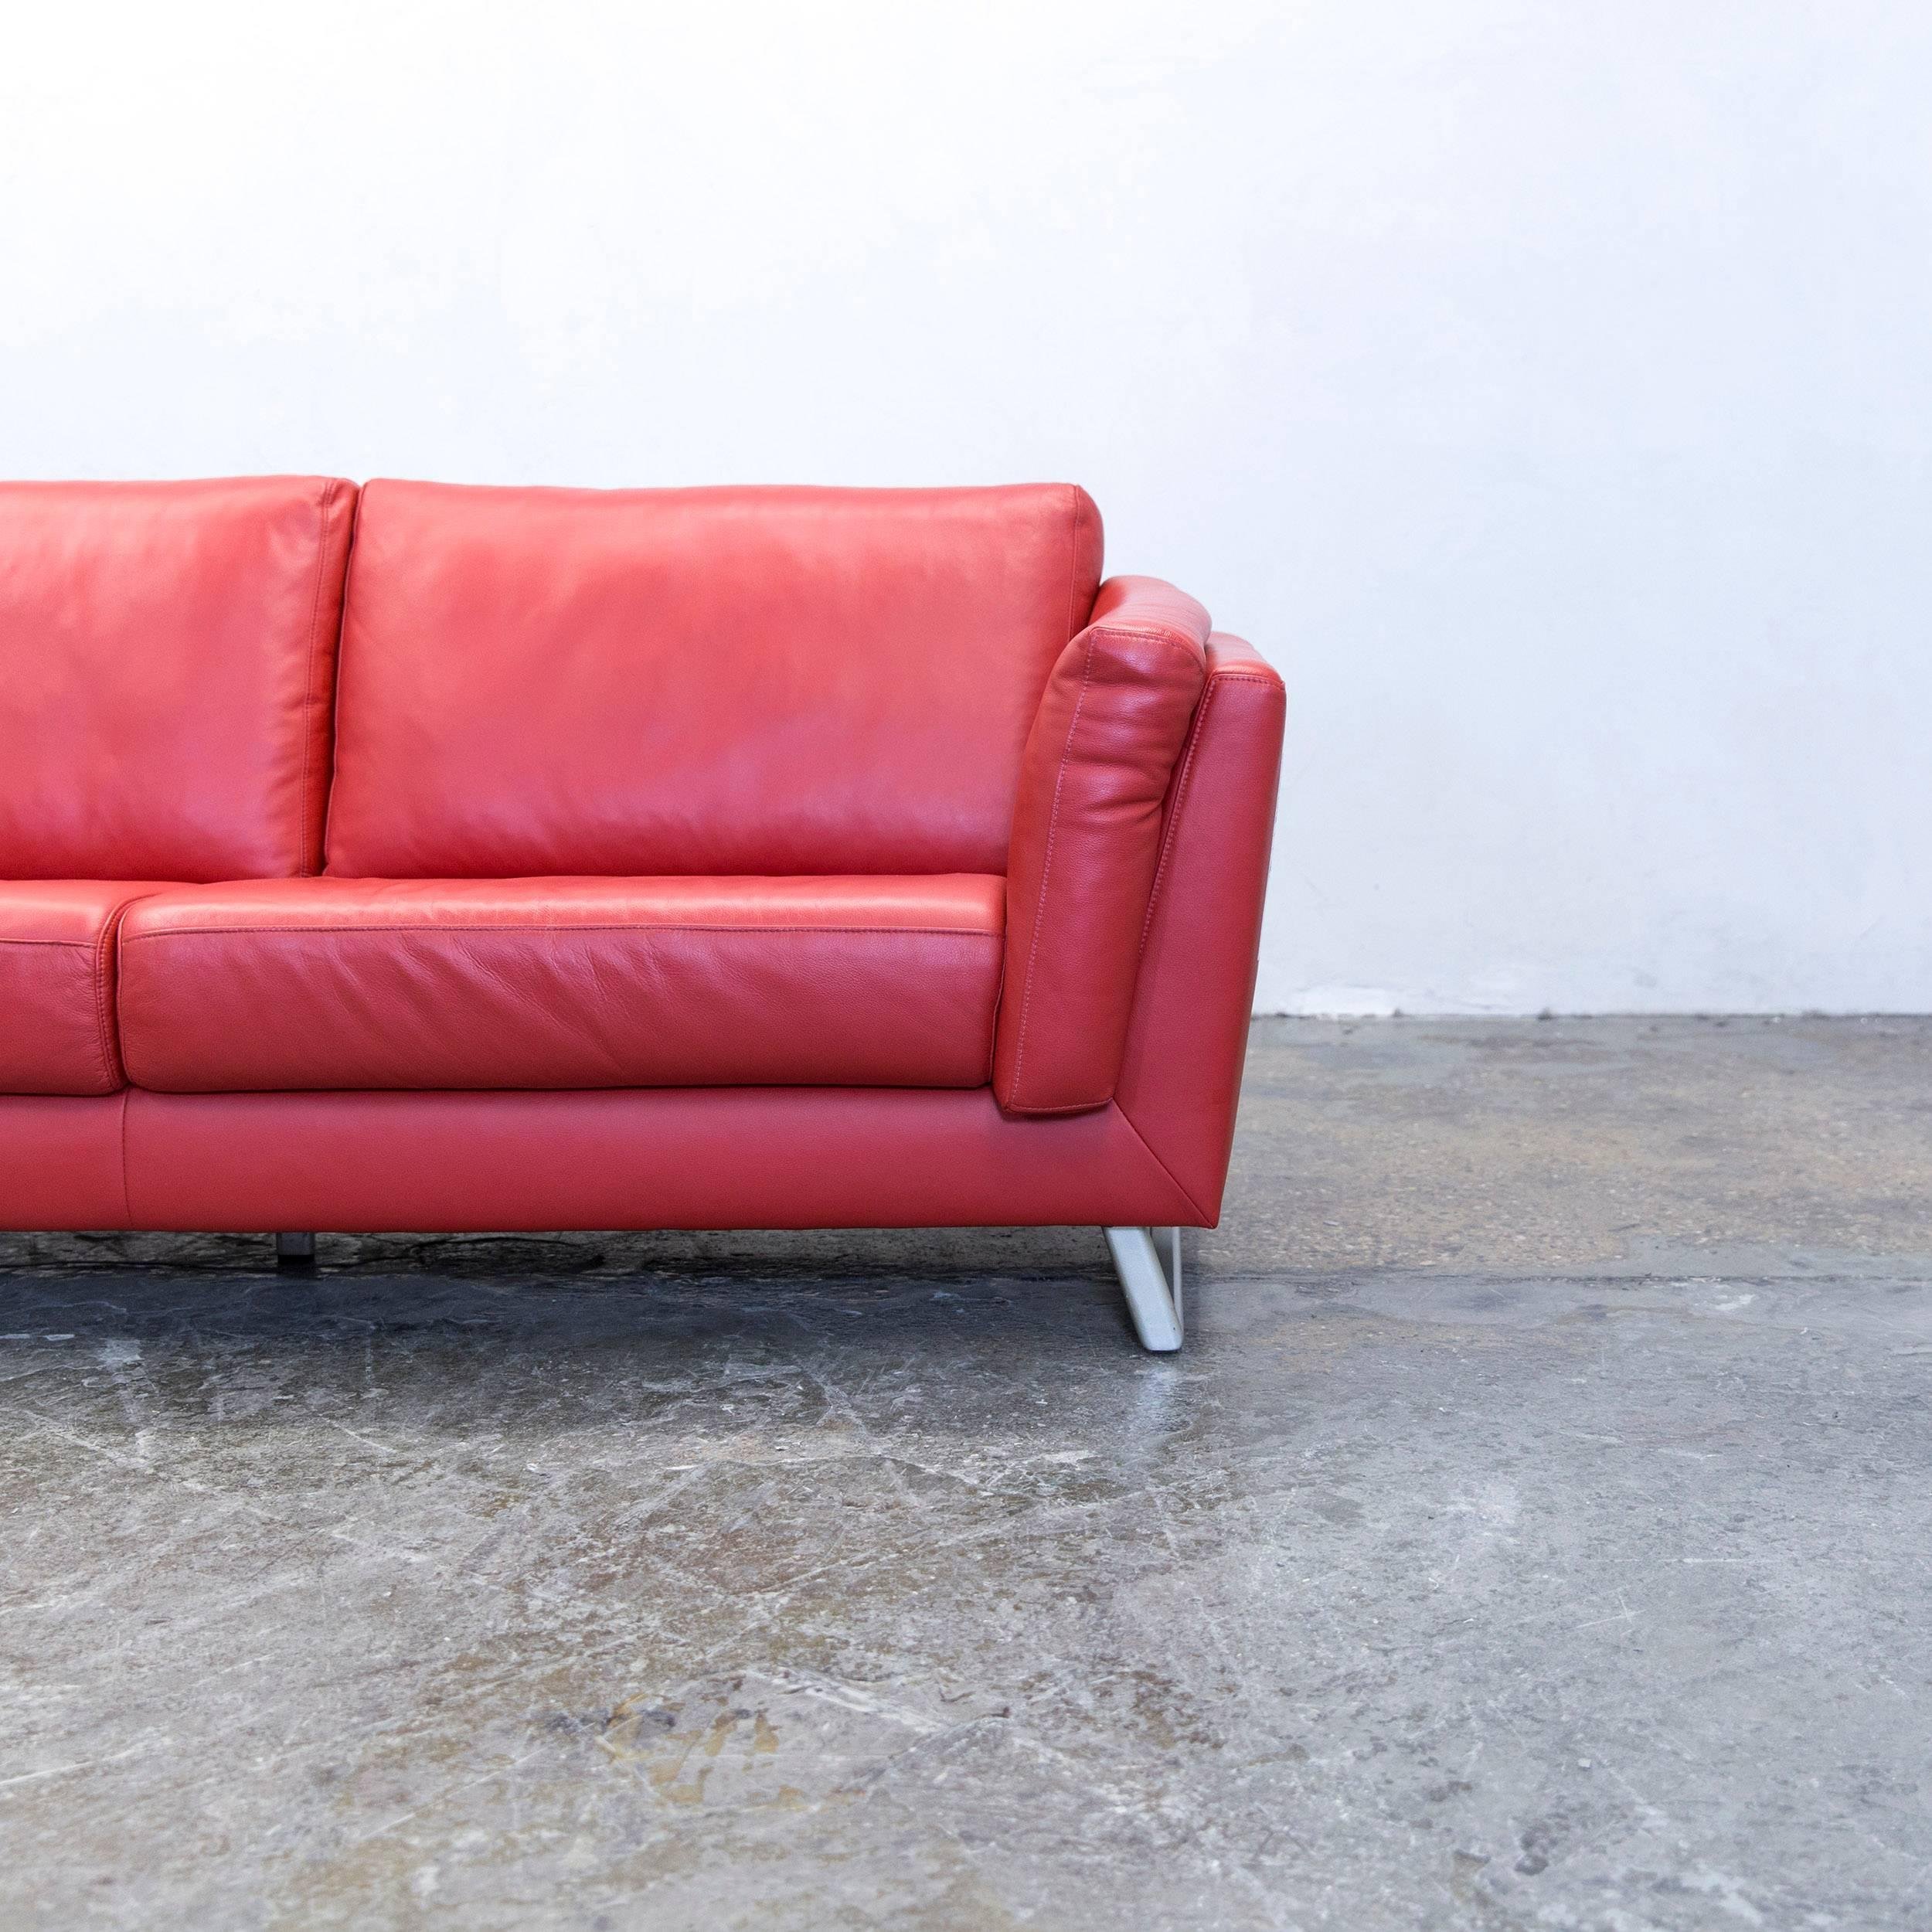 designer sofa gebraucht design sofa gebraucht fantastisch. Black Bedroom Furniture Sets. Home Design Ideas